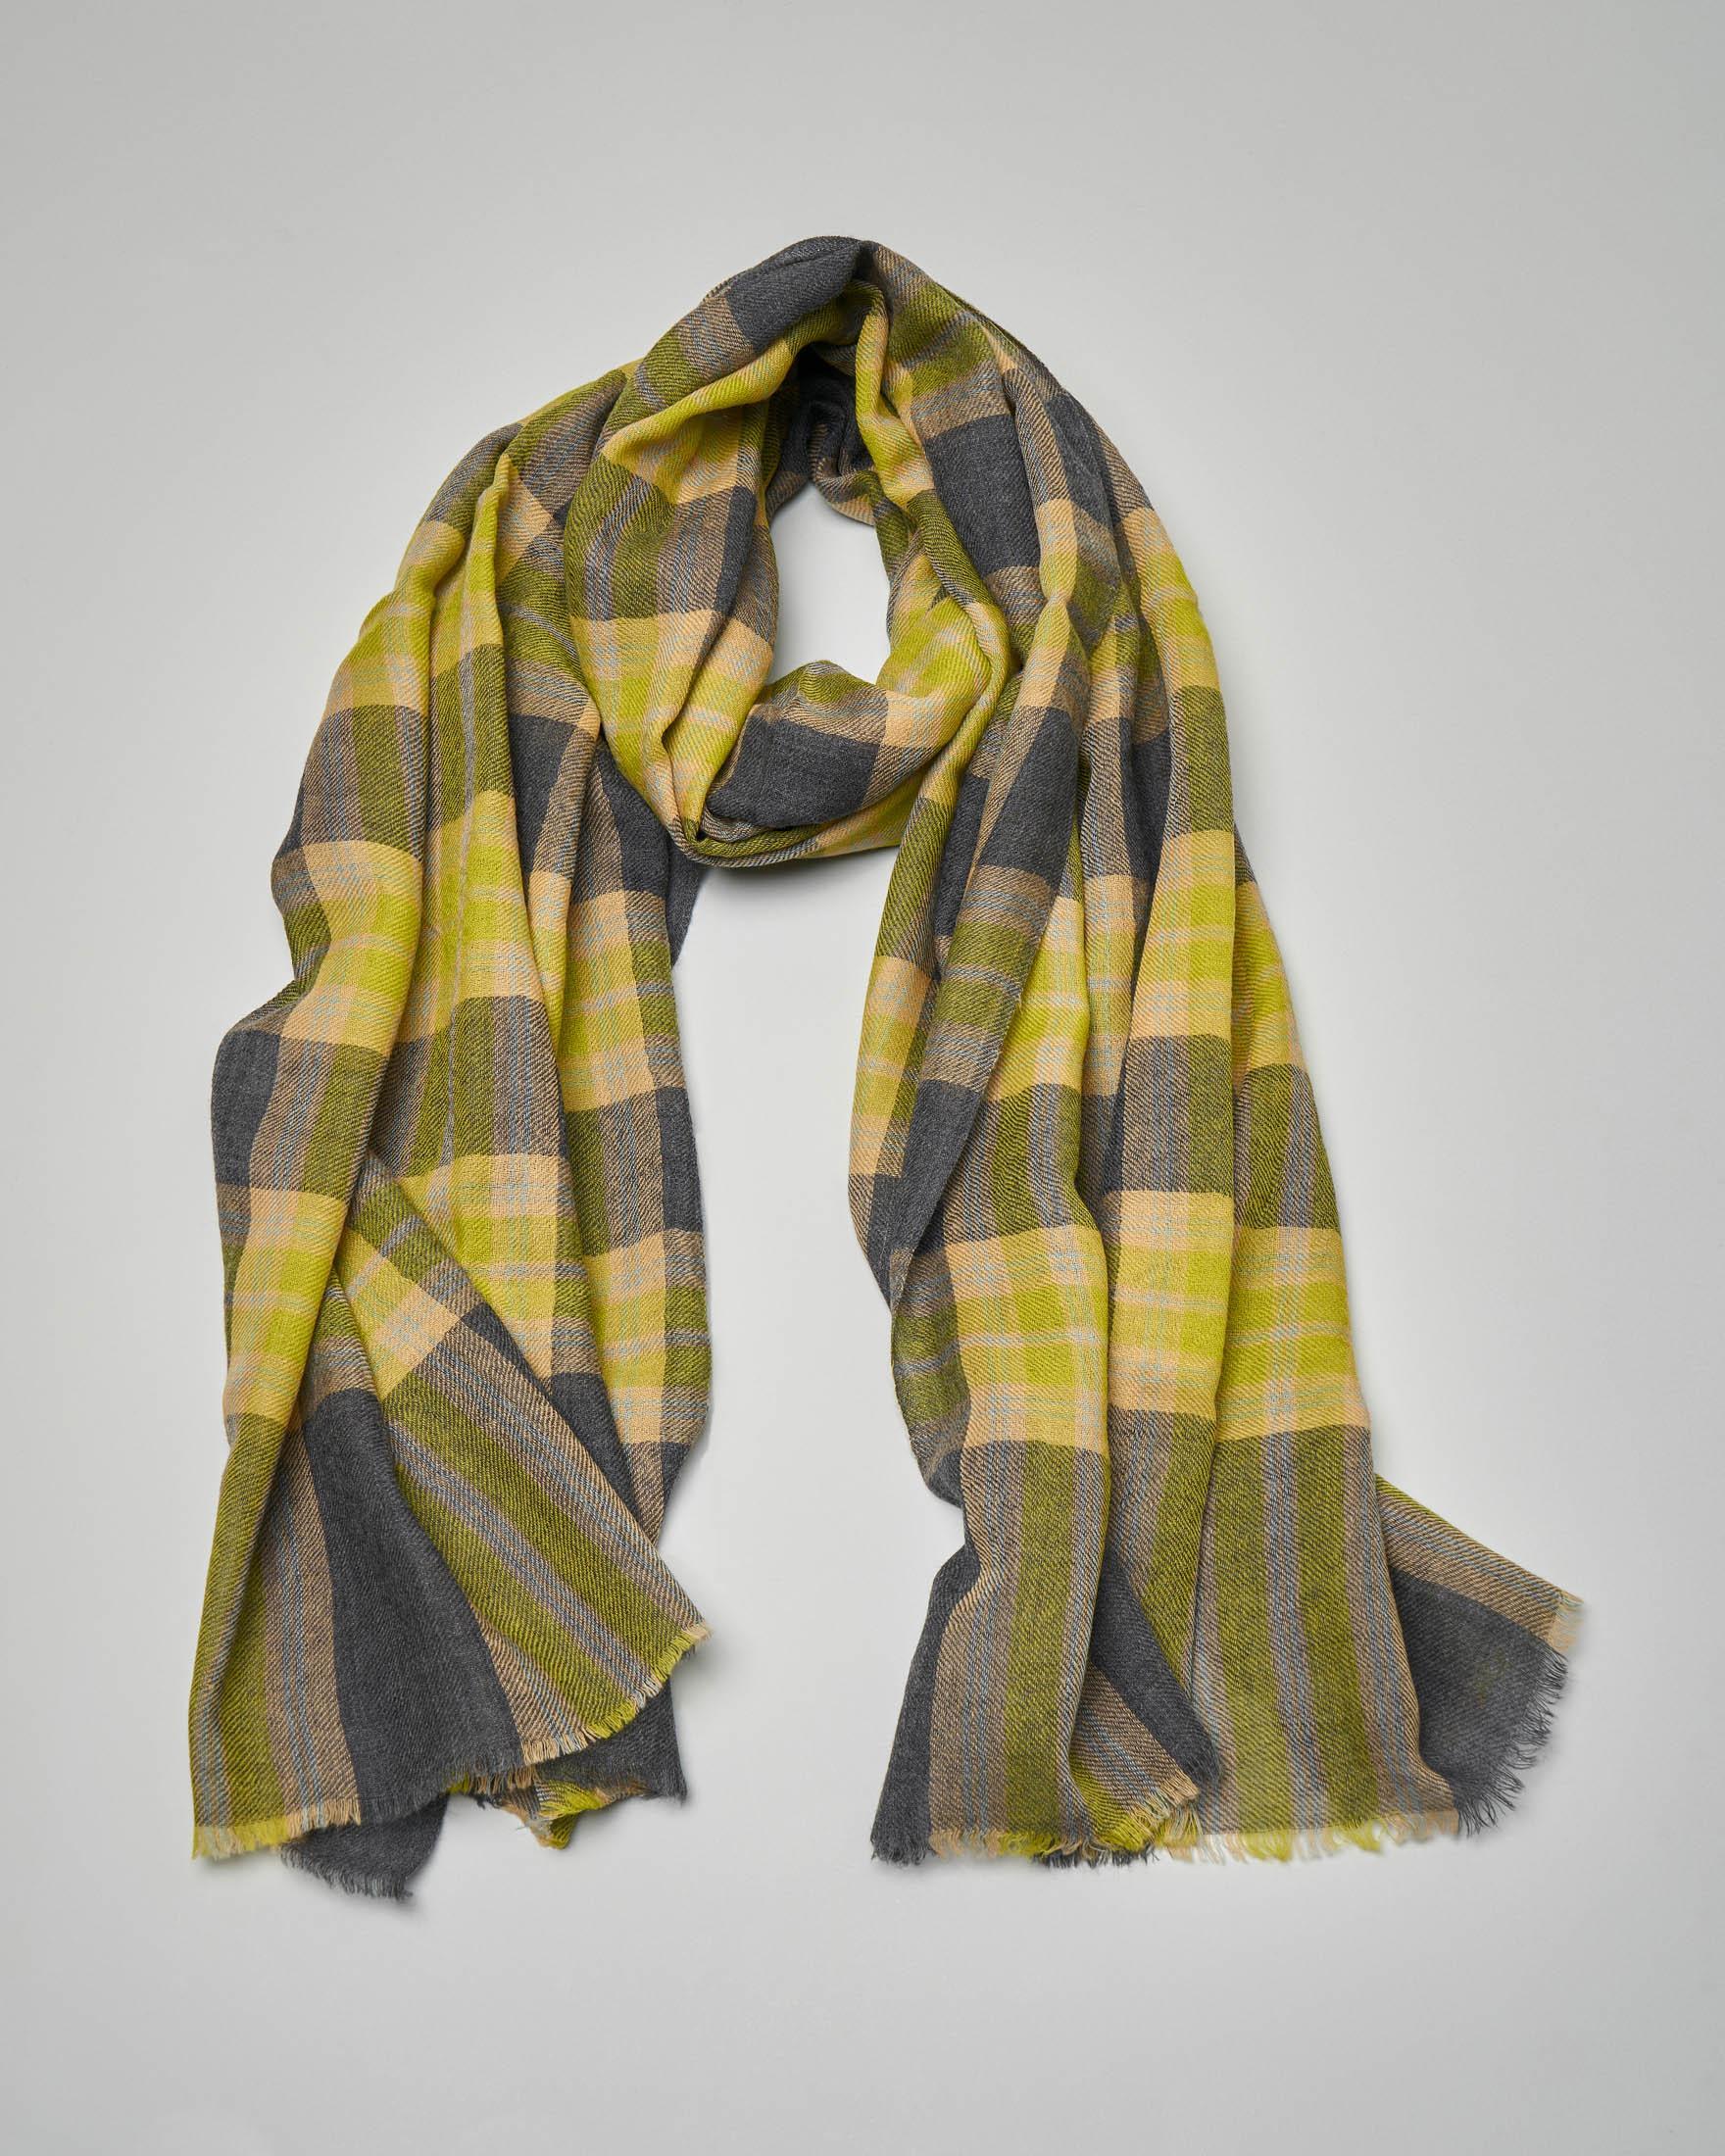 Sciarpa in lana a fantasia check grigio e giallo fluo